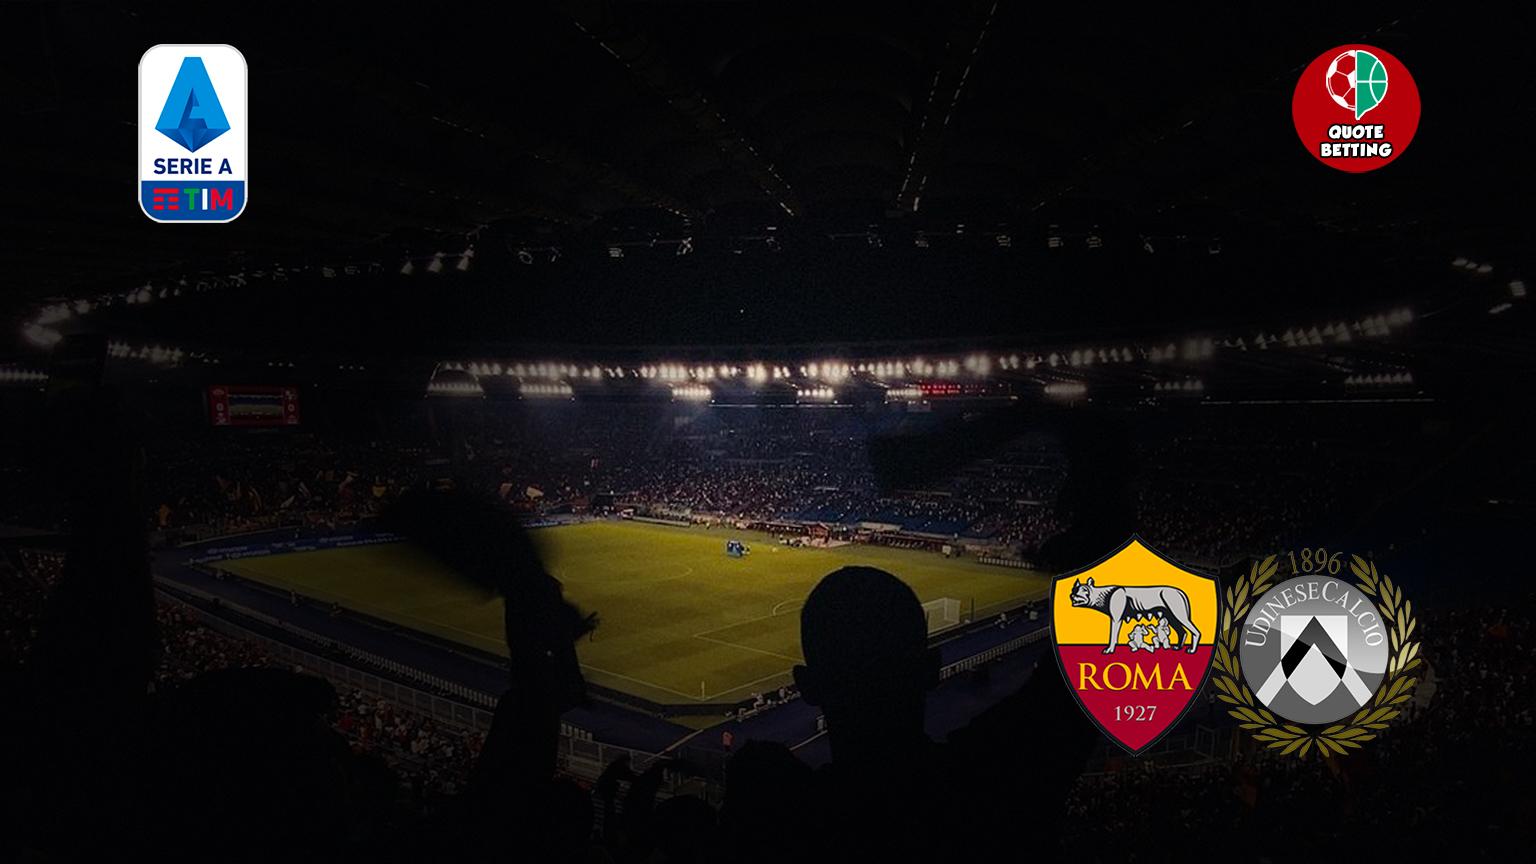 odds roma udinese tempat untuk melihat di tv prediksi formasi odds seri a taruhan sepak bola stadion olimpiade italia roma-udinese